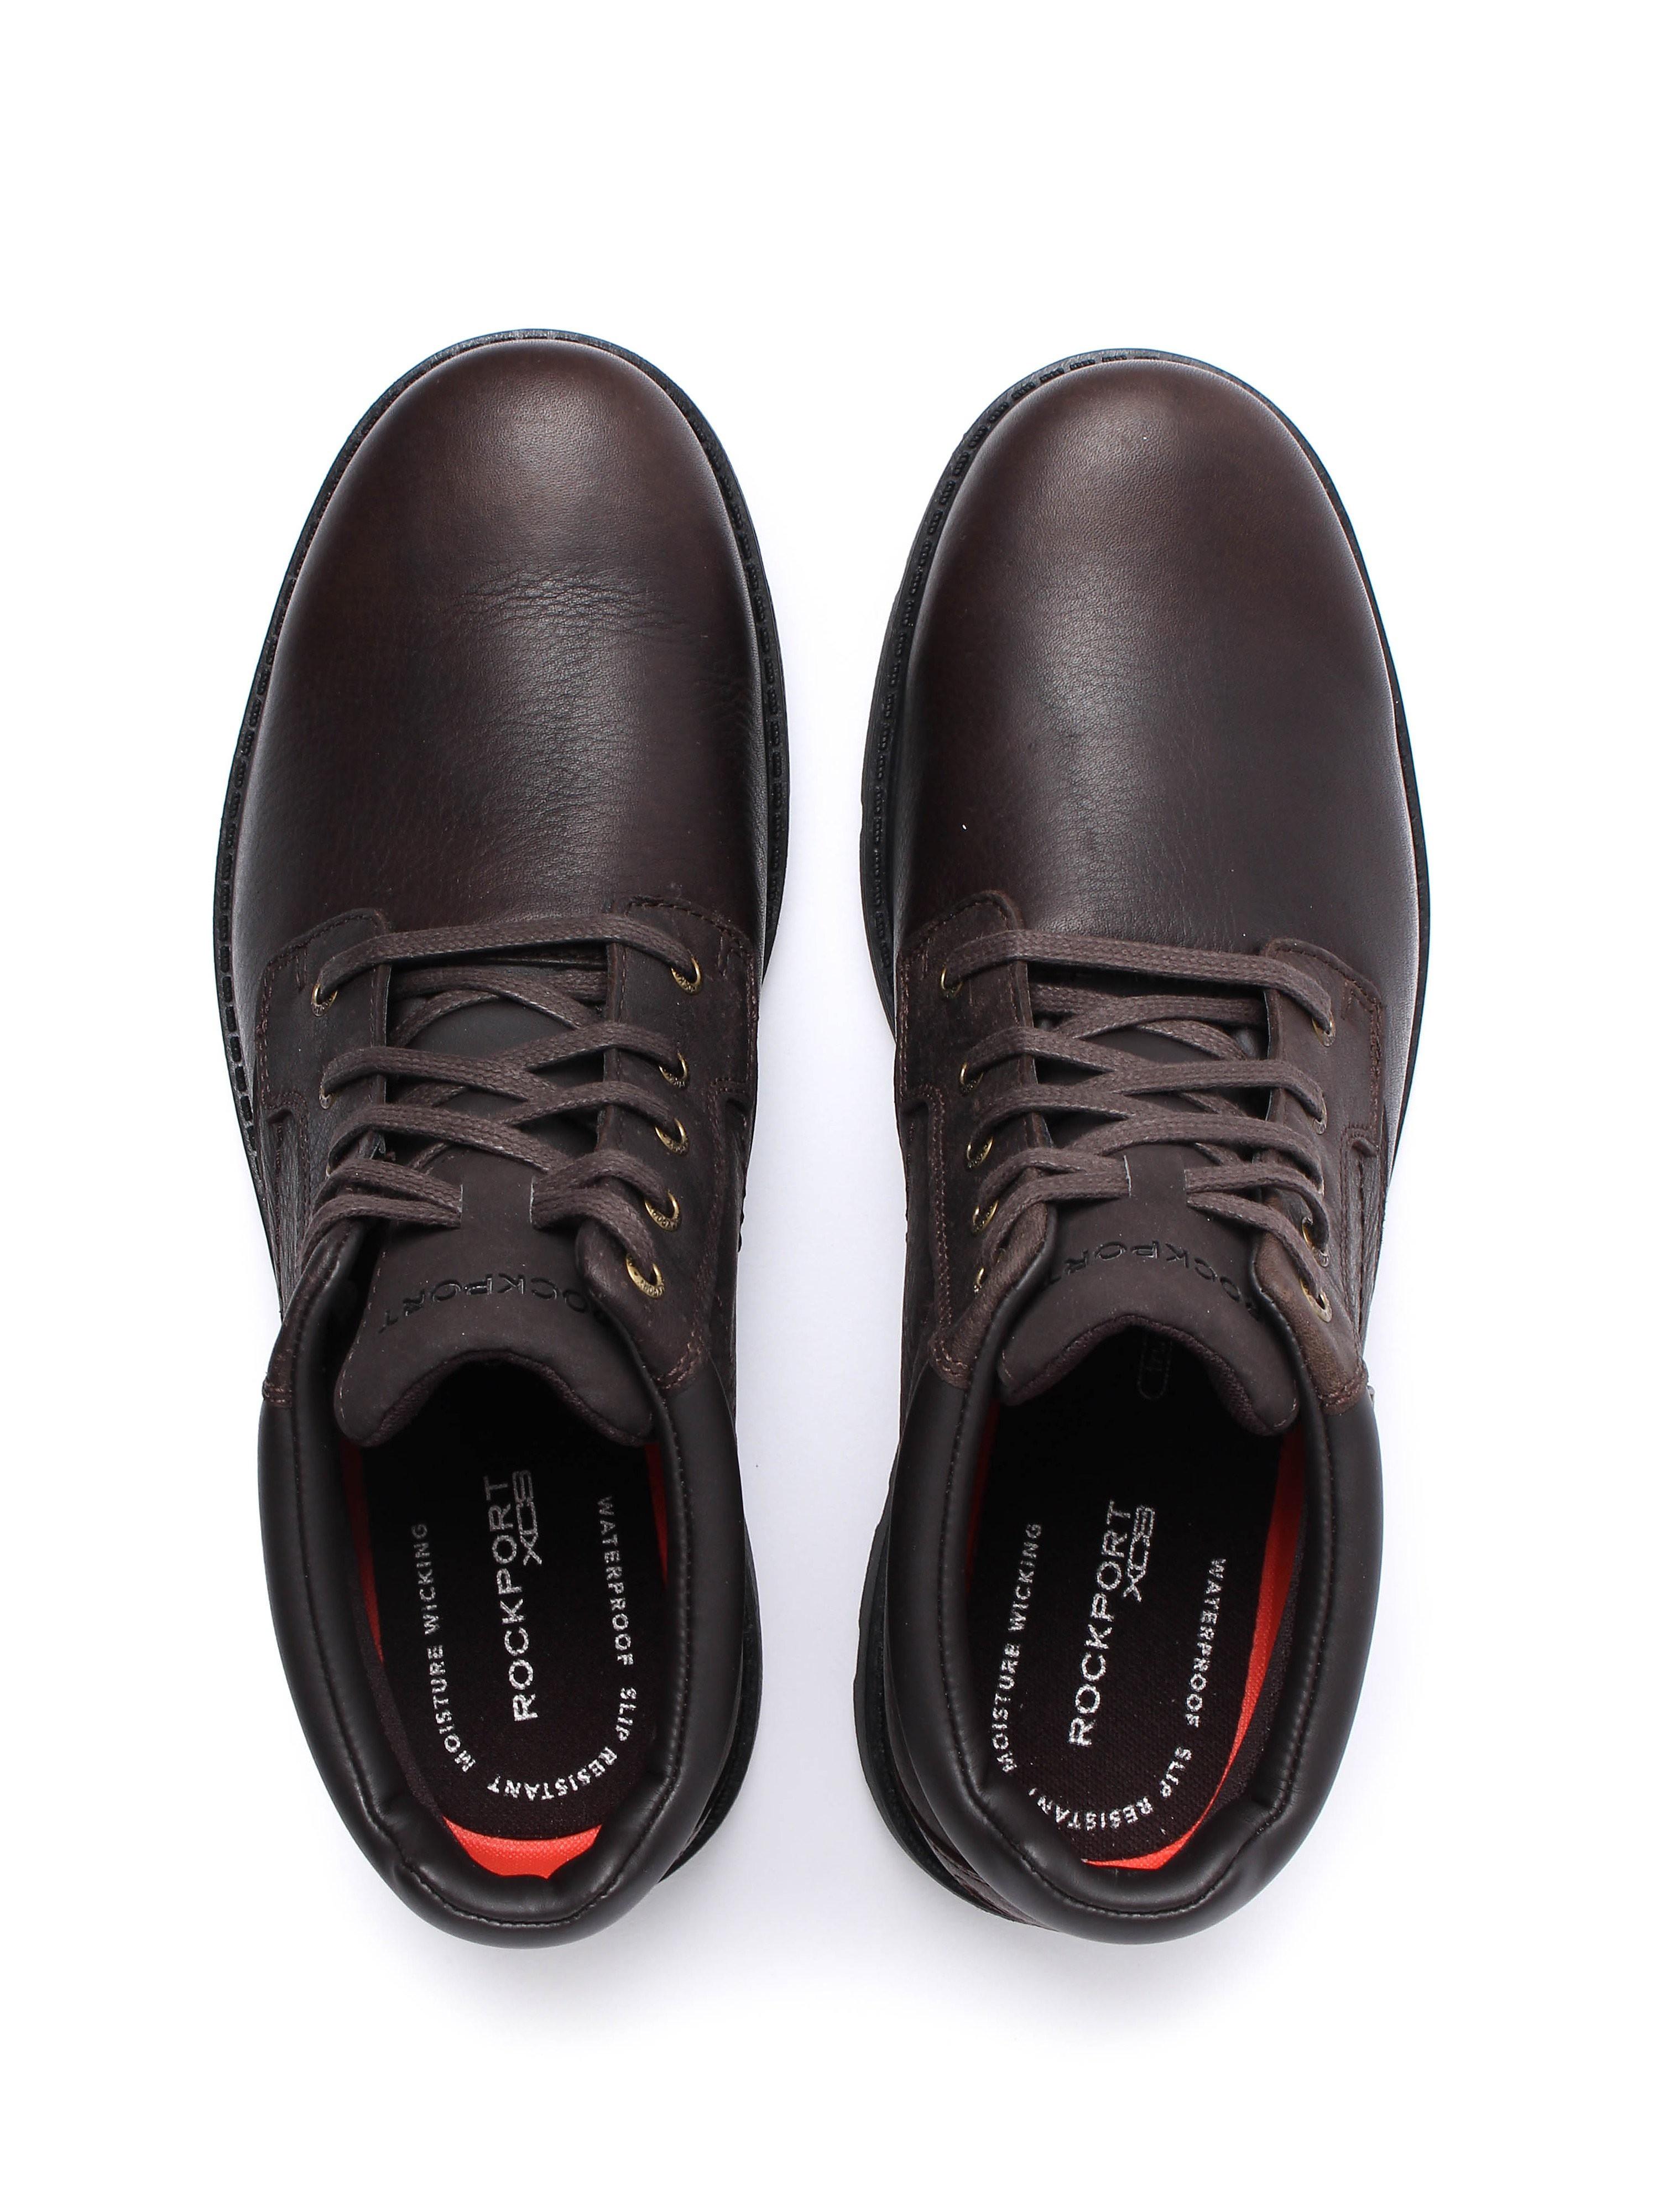 Rockport Rugged Bucus Waterproof Boot - Dark Brown